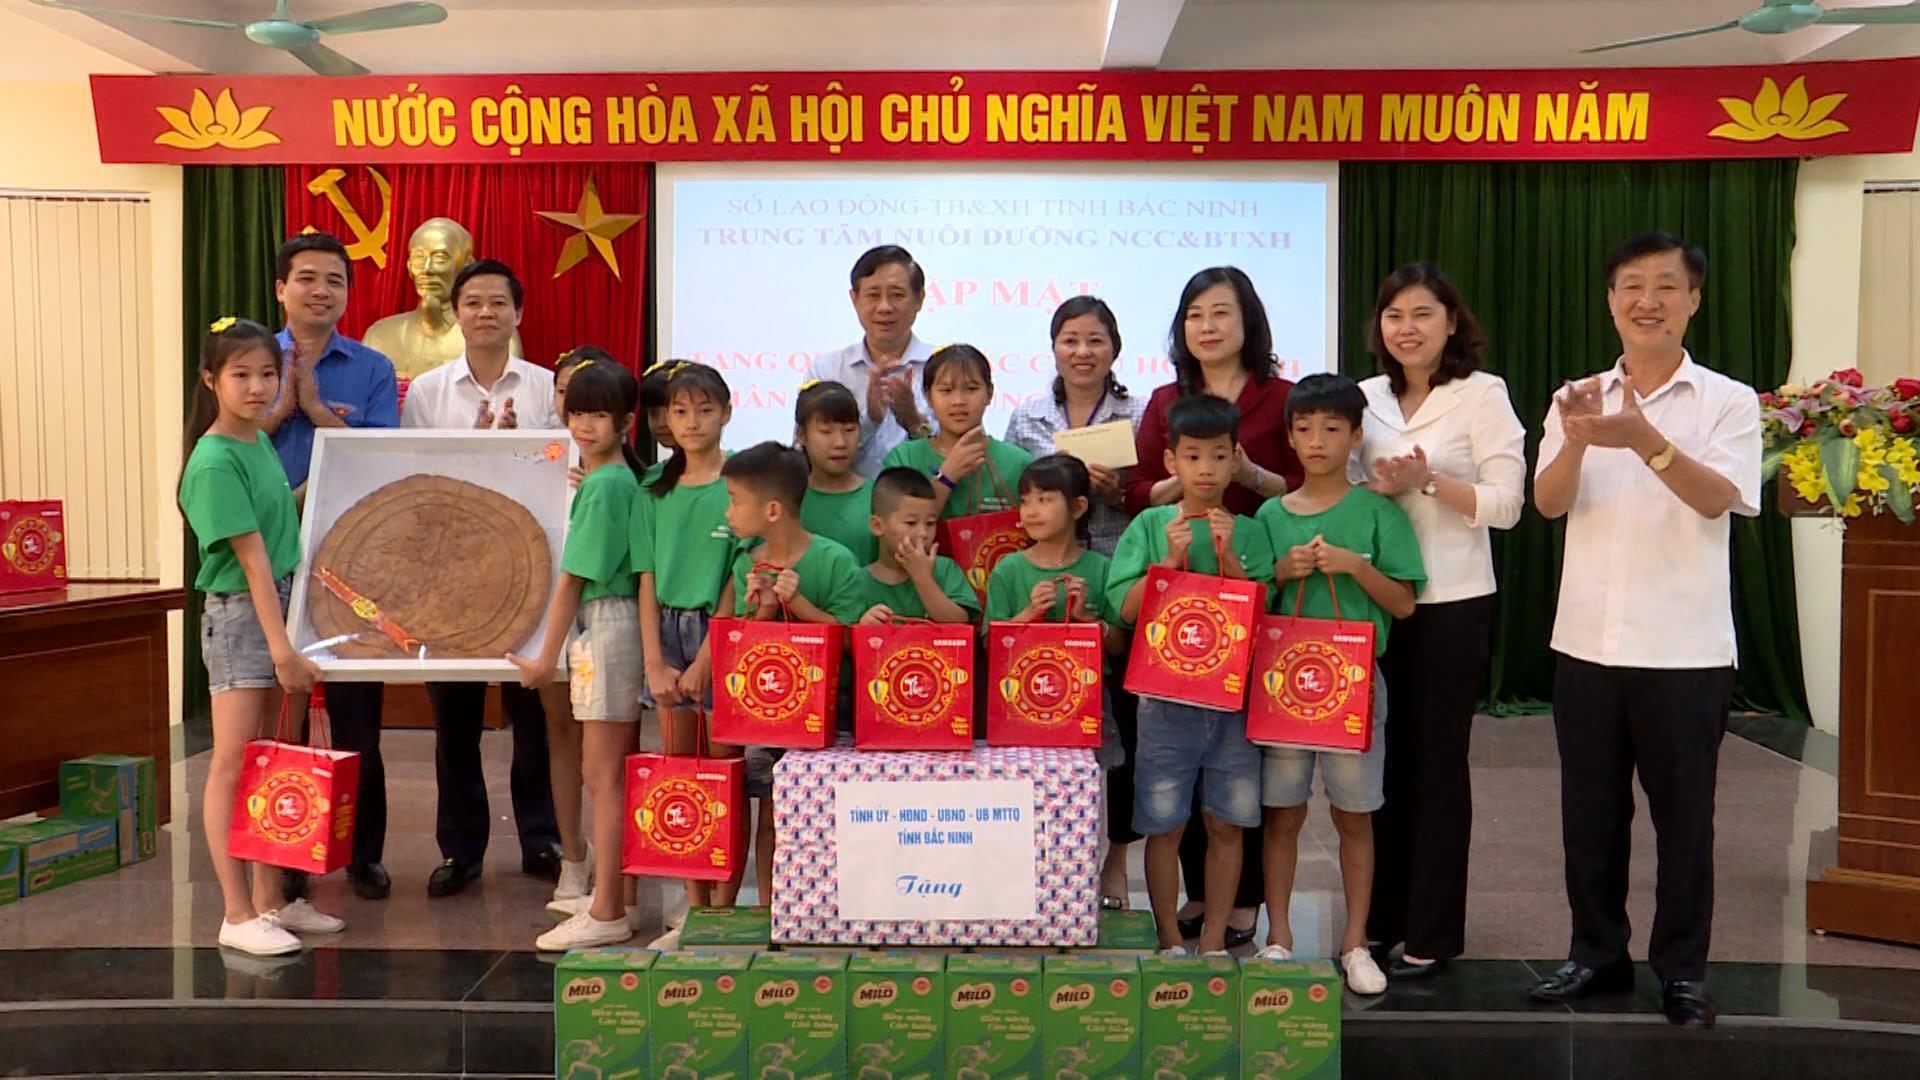 Bí thư Tỉnh ủy tặng quà thiếu nhi Trung tâm nuôi dưỡng người có công và Bảo trợ xã hội